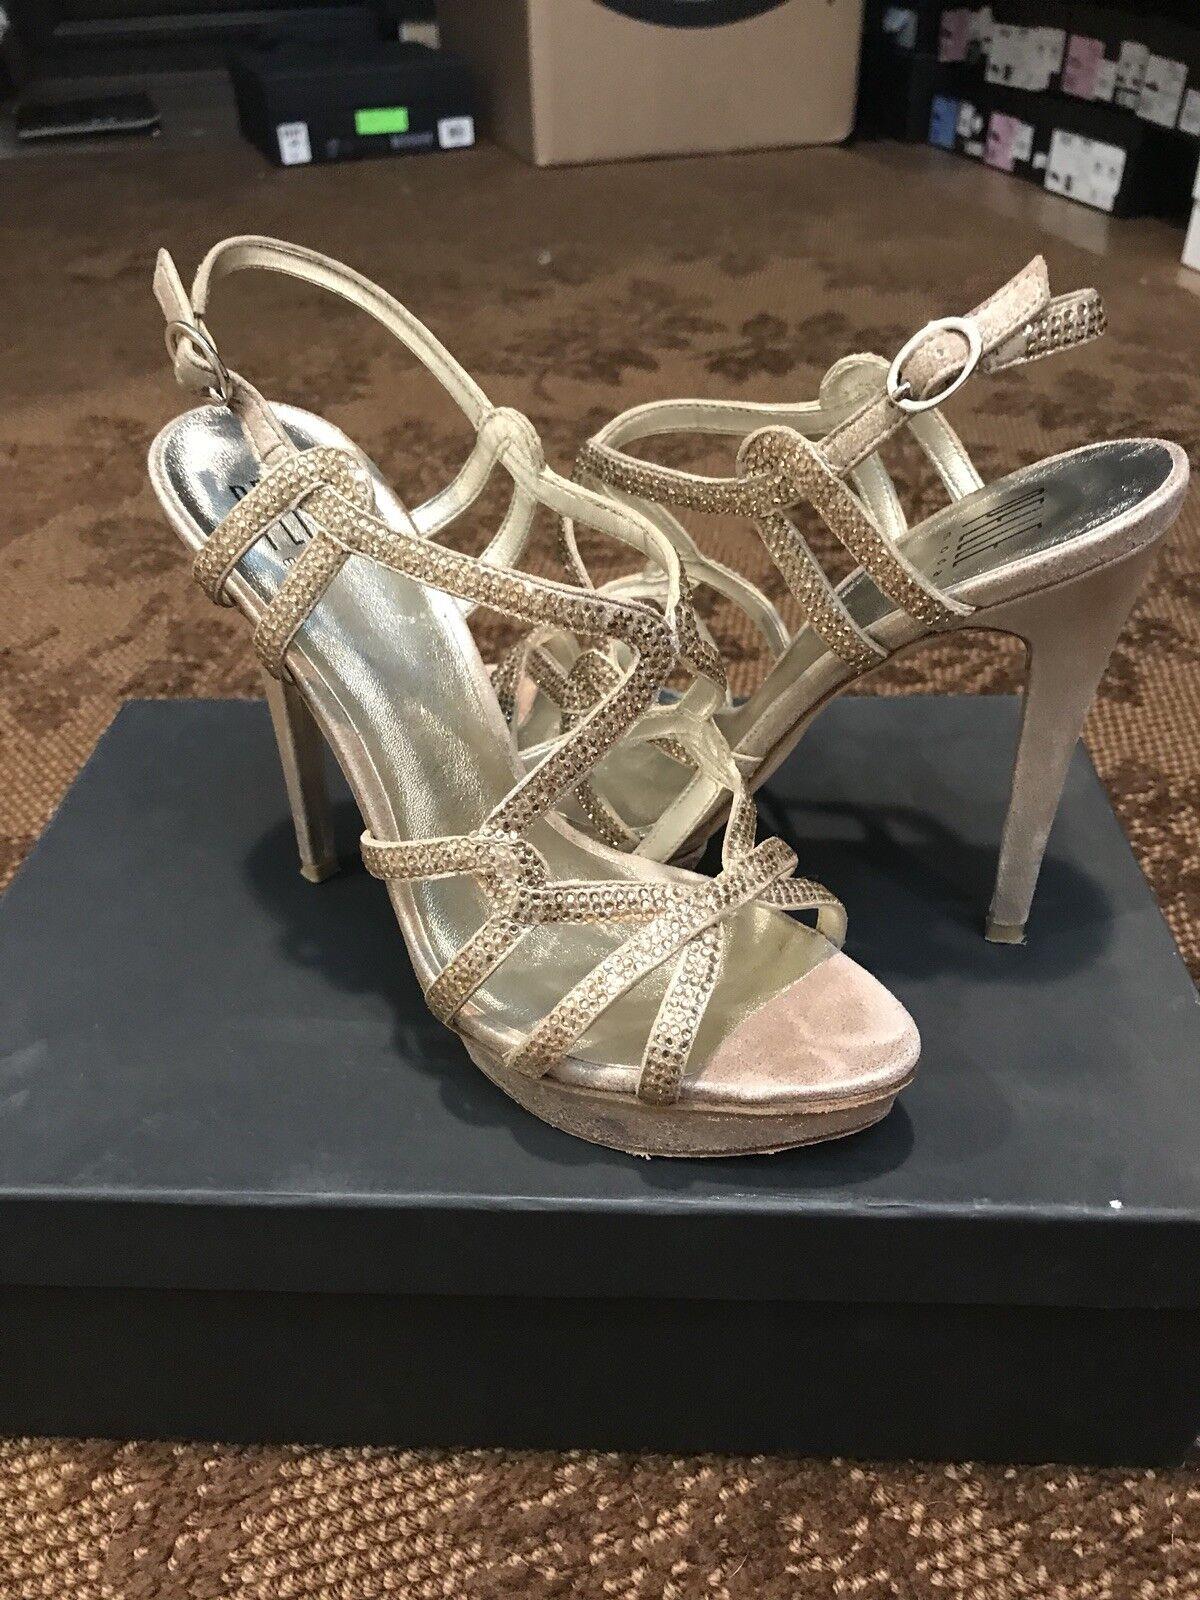 moda classica Pelle moda 7.5 7.5 7.5 SHO flirt Platinum oro Metallic  all'ingrosso economico e di alta qualità